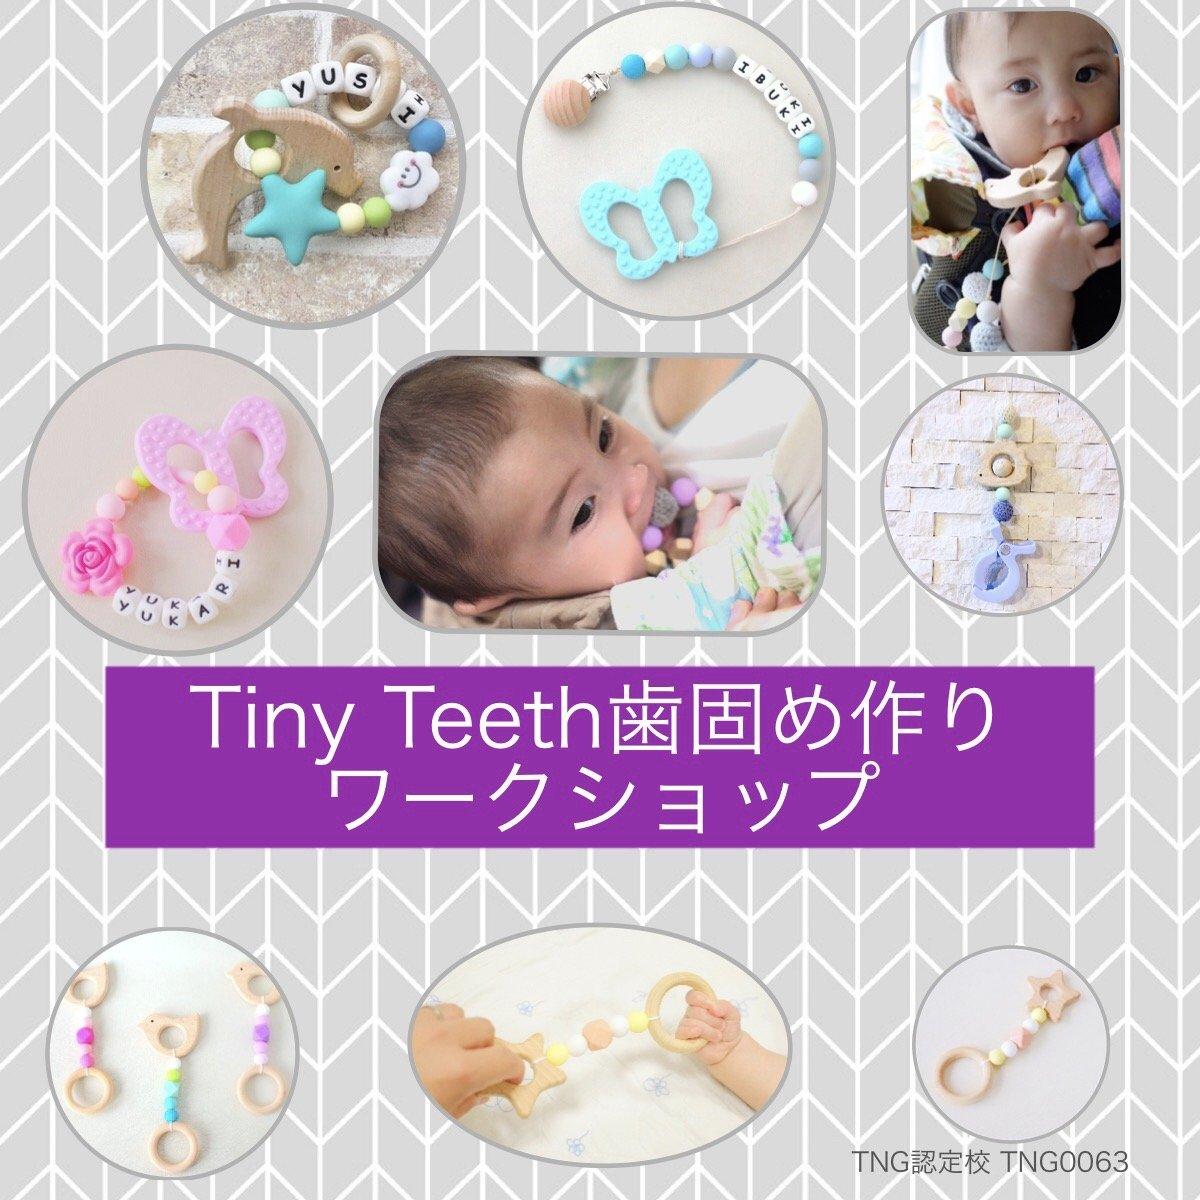 【12/11開催】歯固め作りワークショップ@上北沢イルソーレGAOのイメージその1